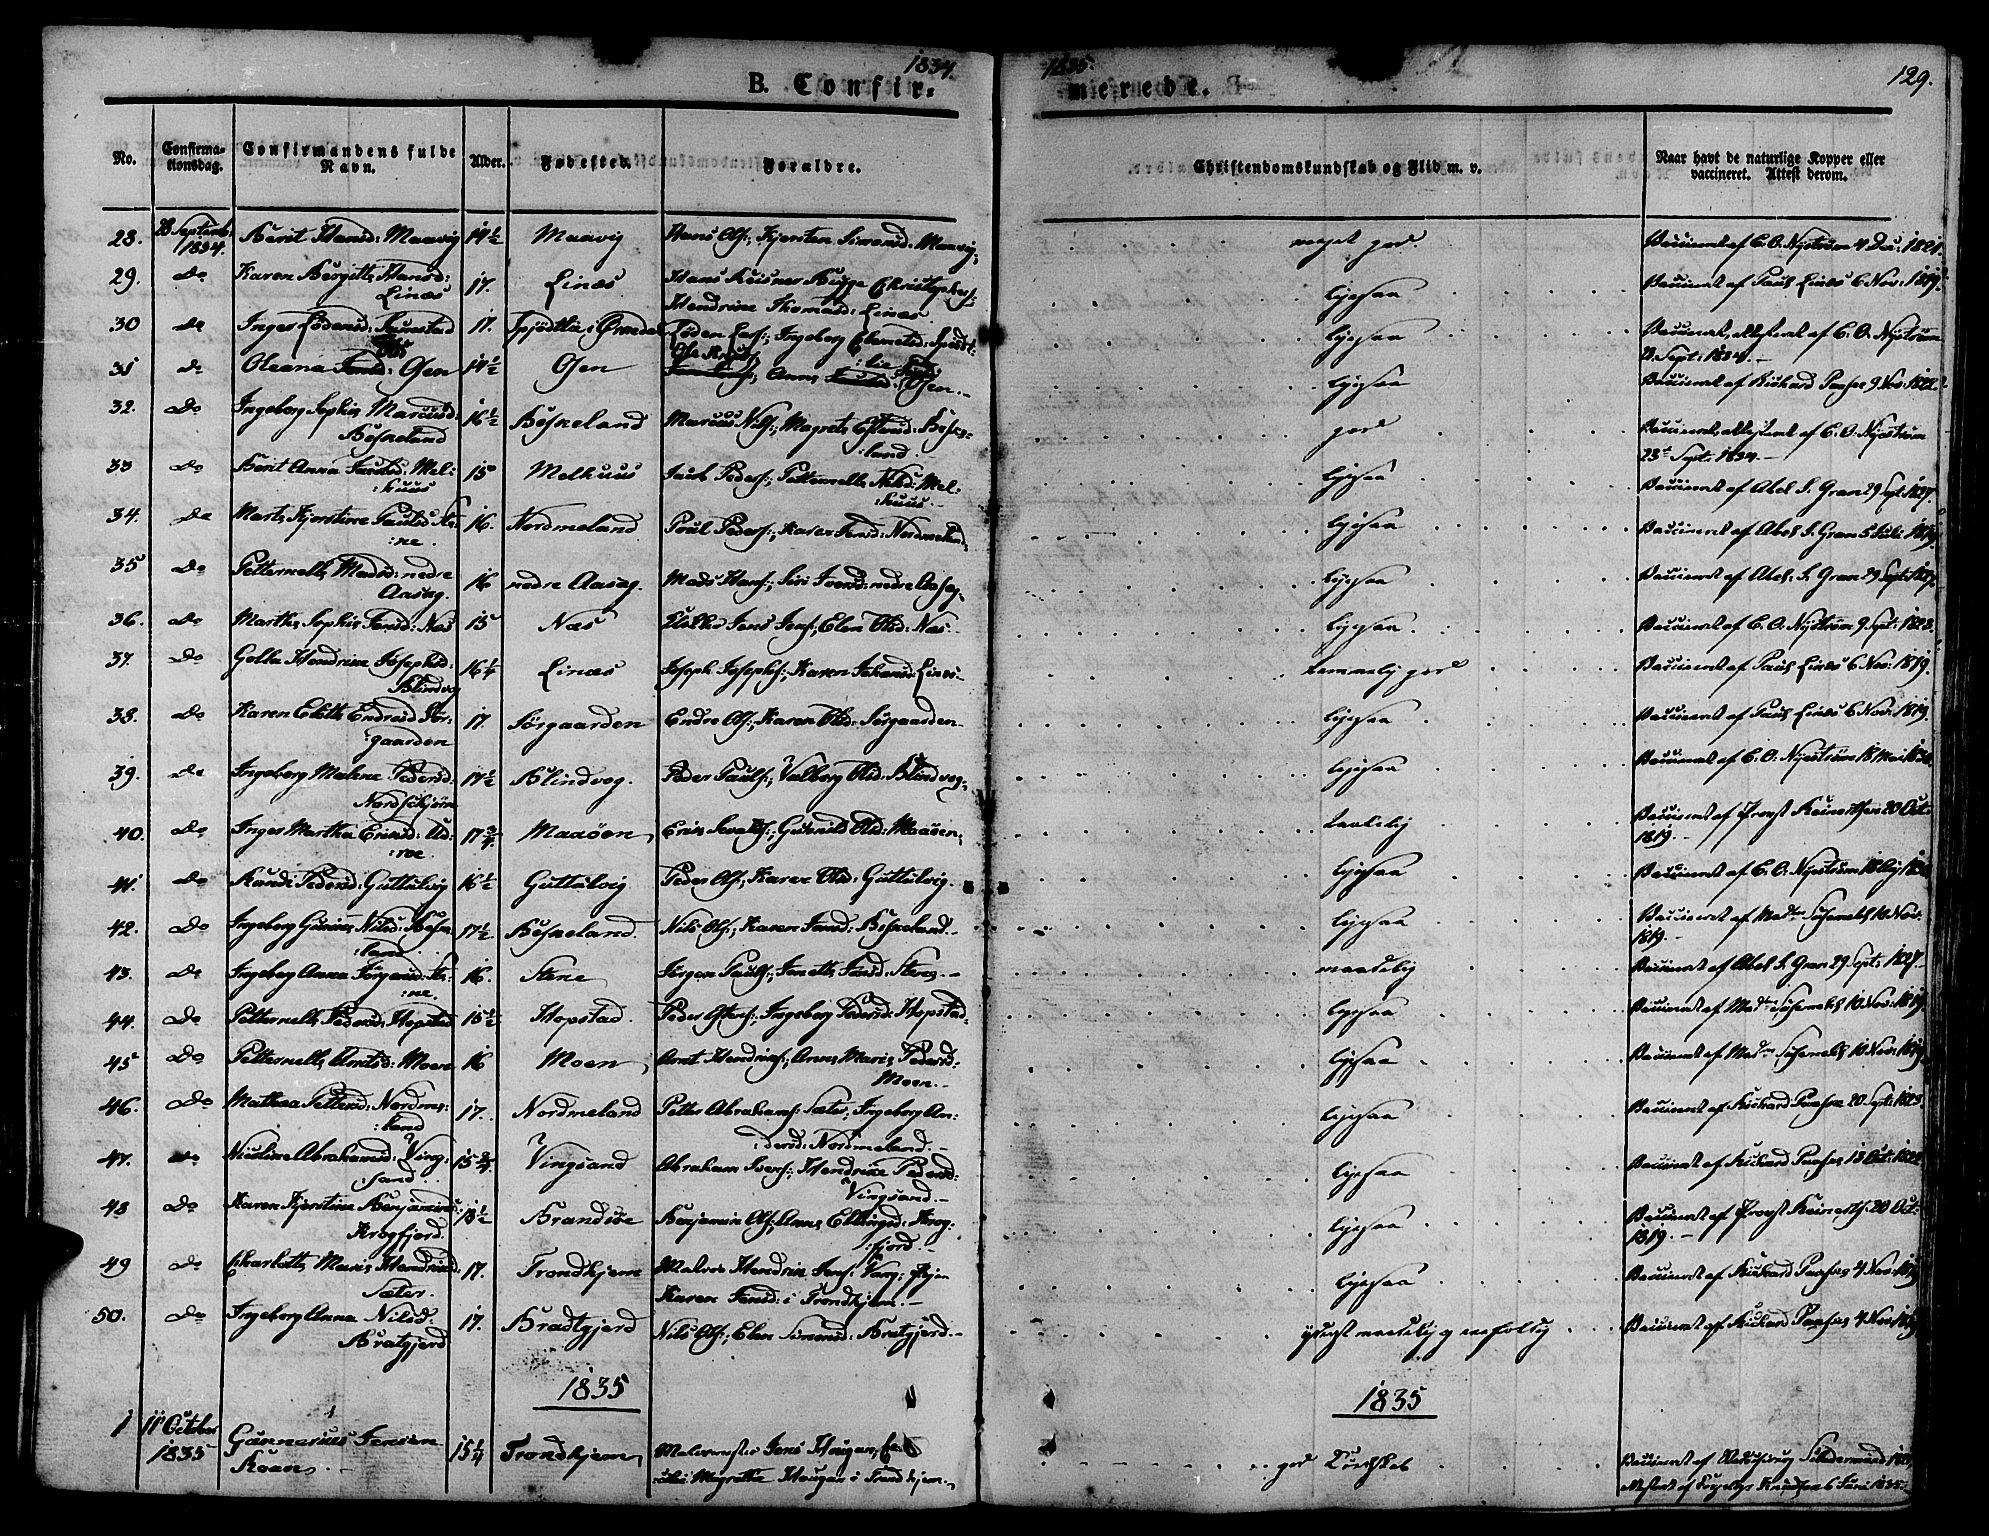 SAT, Ministerialprotokoller, klokkerbøker og fødselsregistre - Sør-Trøndelag, 657/L0703: Ministerialbok nr. 657A04, 1831-1846, s. 129